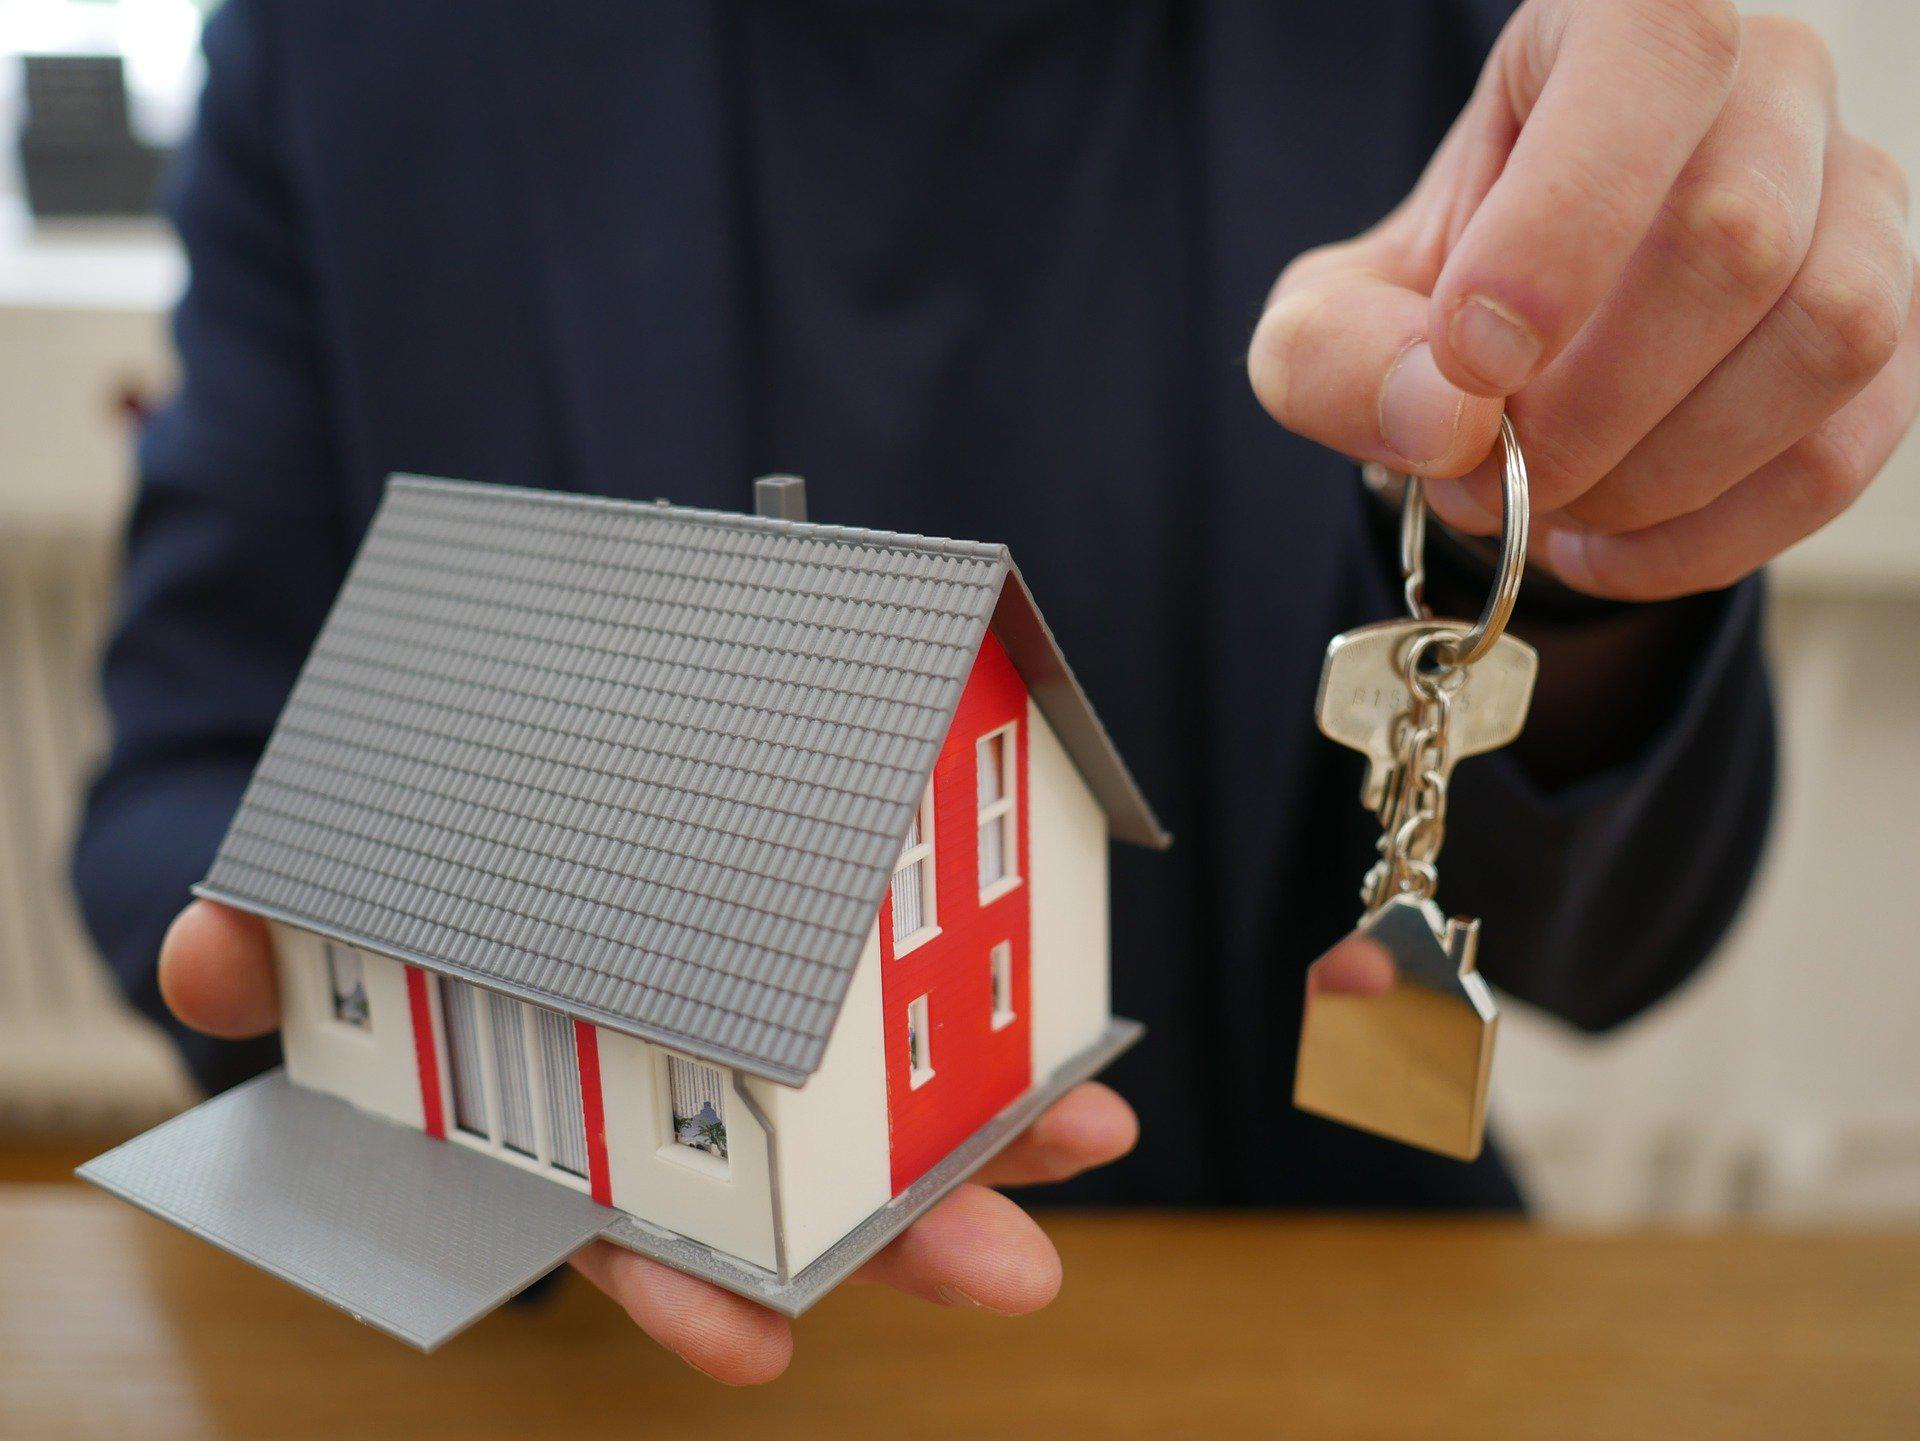 Investissement dans l'immobilier: Voici la méthode pour générer des revenus rapidement